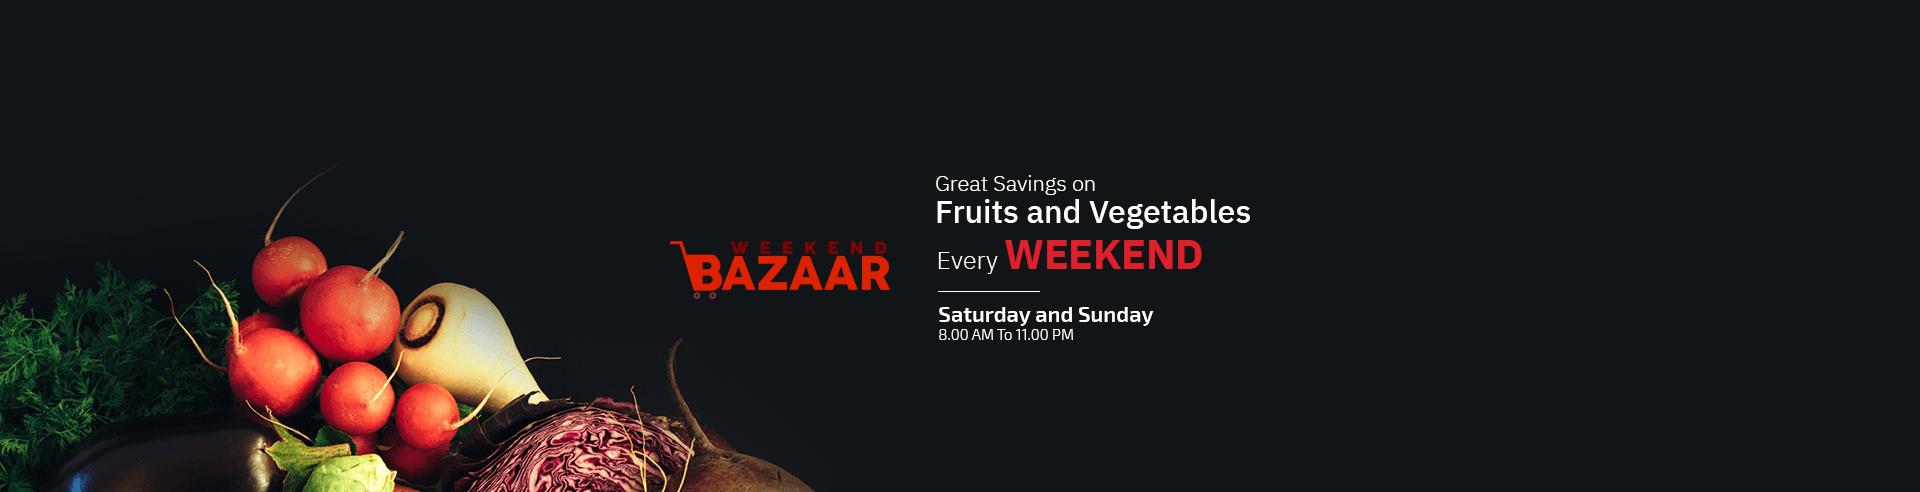 Weekend Bazaar